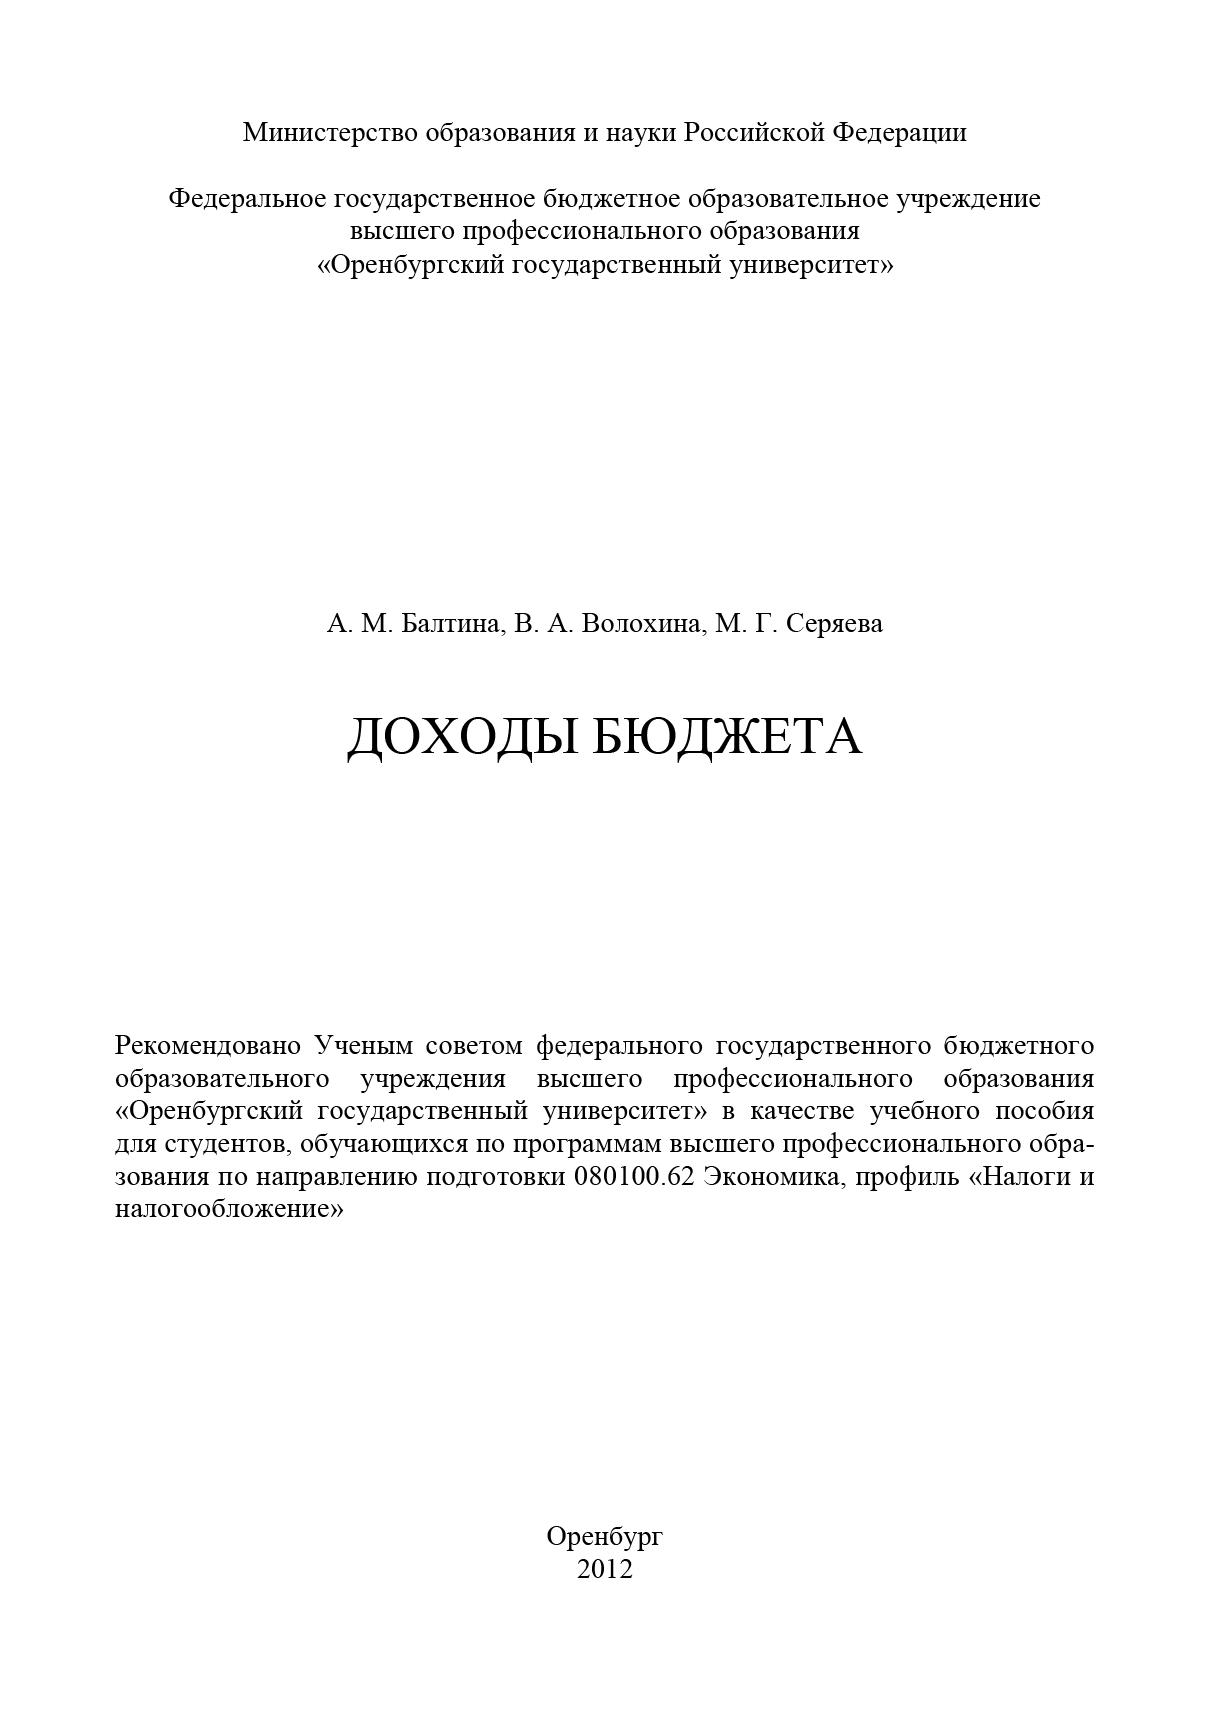 А. М. Балтина Доходы бюджета